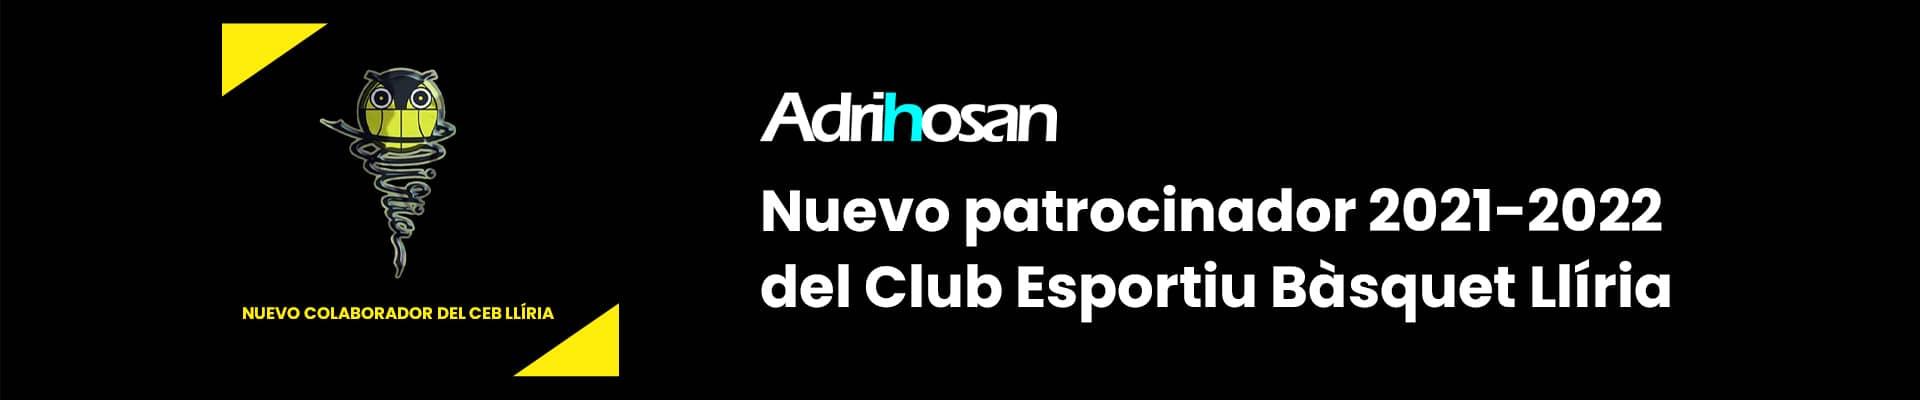 Adrihosan. Nuevo patrocinador oficial del Club Esportiu Bàsquet Llíria